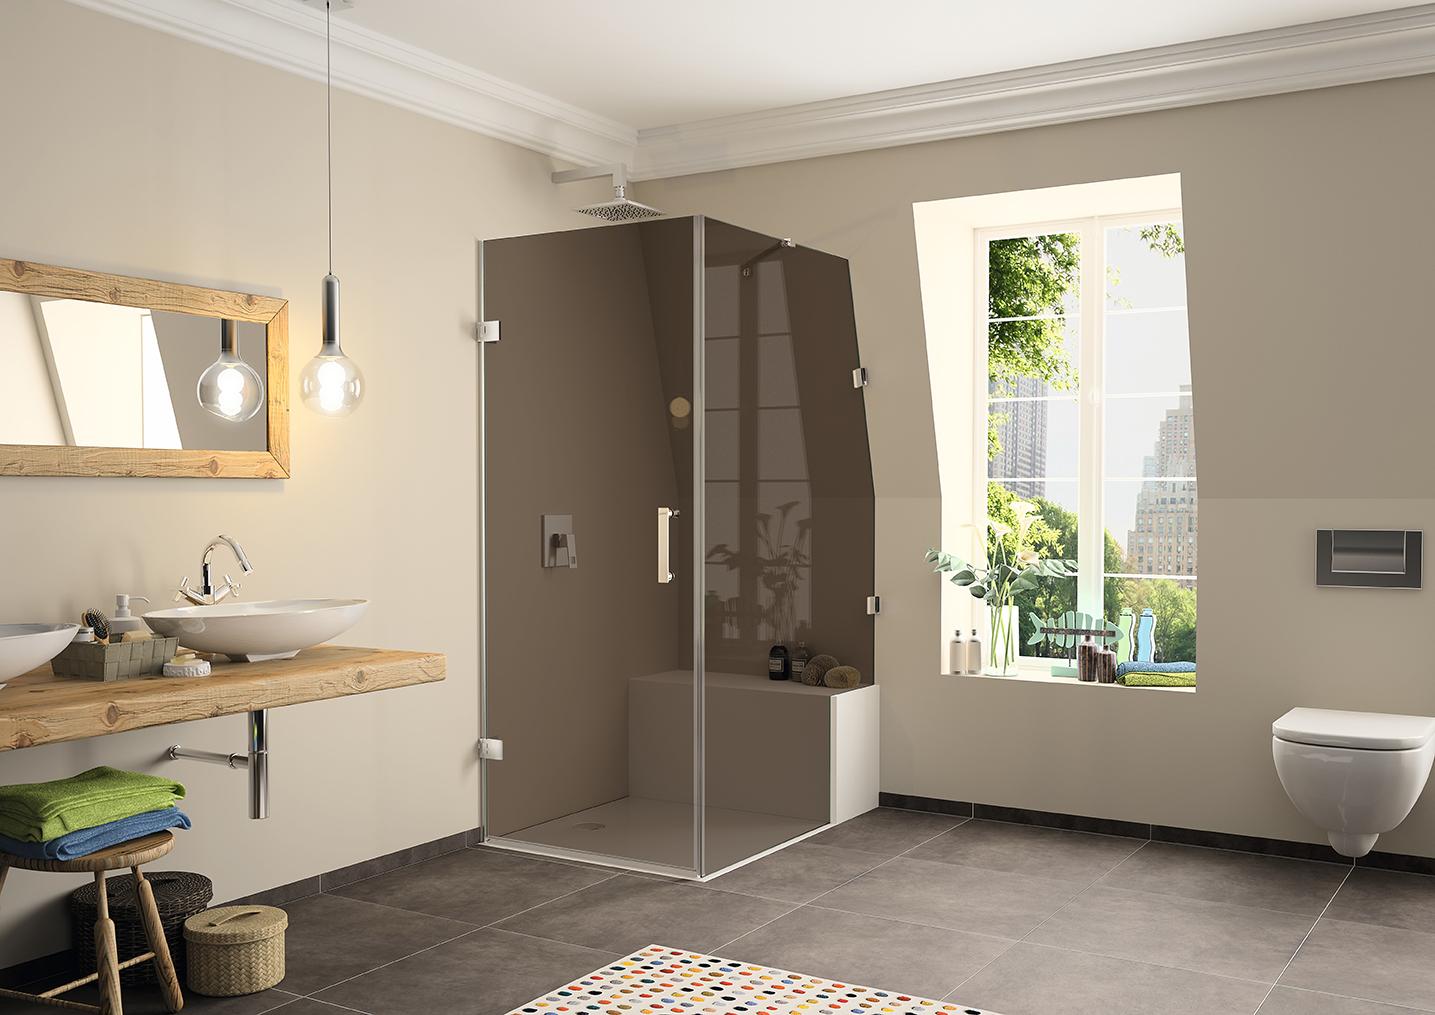 Full Size of Duschkabinen Begehbare Dusche Fliesen Eckeinstieg Bodengleiche Duschen Kaufen Breuer Unterputz Armatur Walk In Ebenerdige Bodenebene Antirutschmatte Bidet Dusche Hüppe Dusche